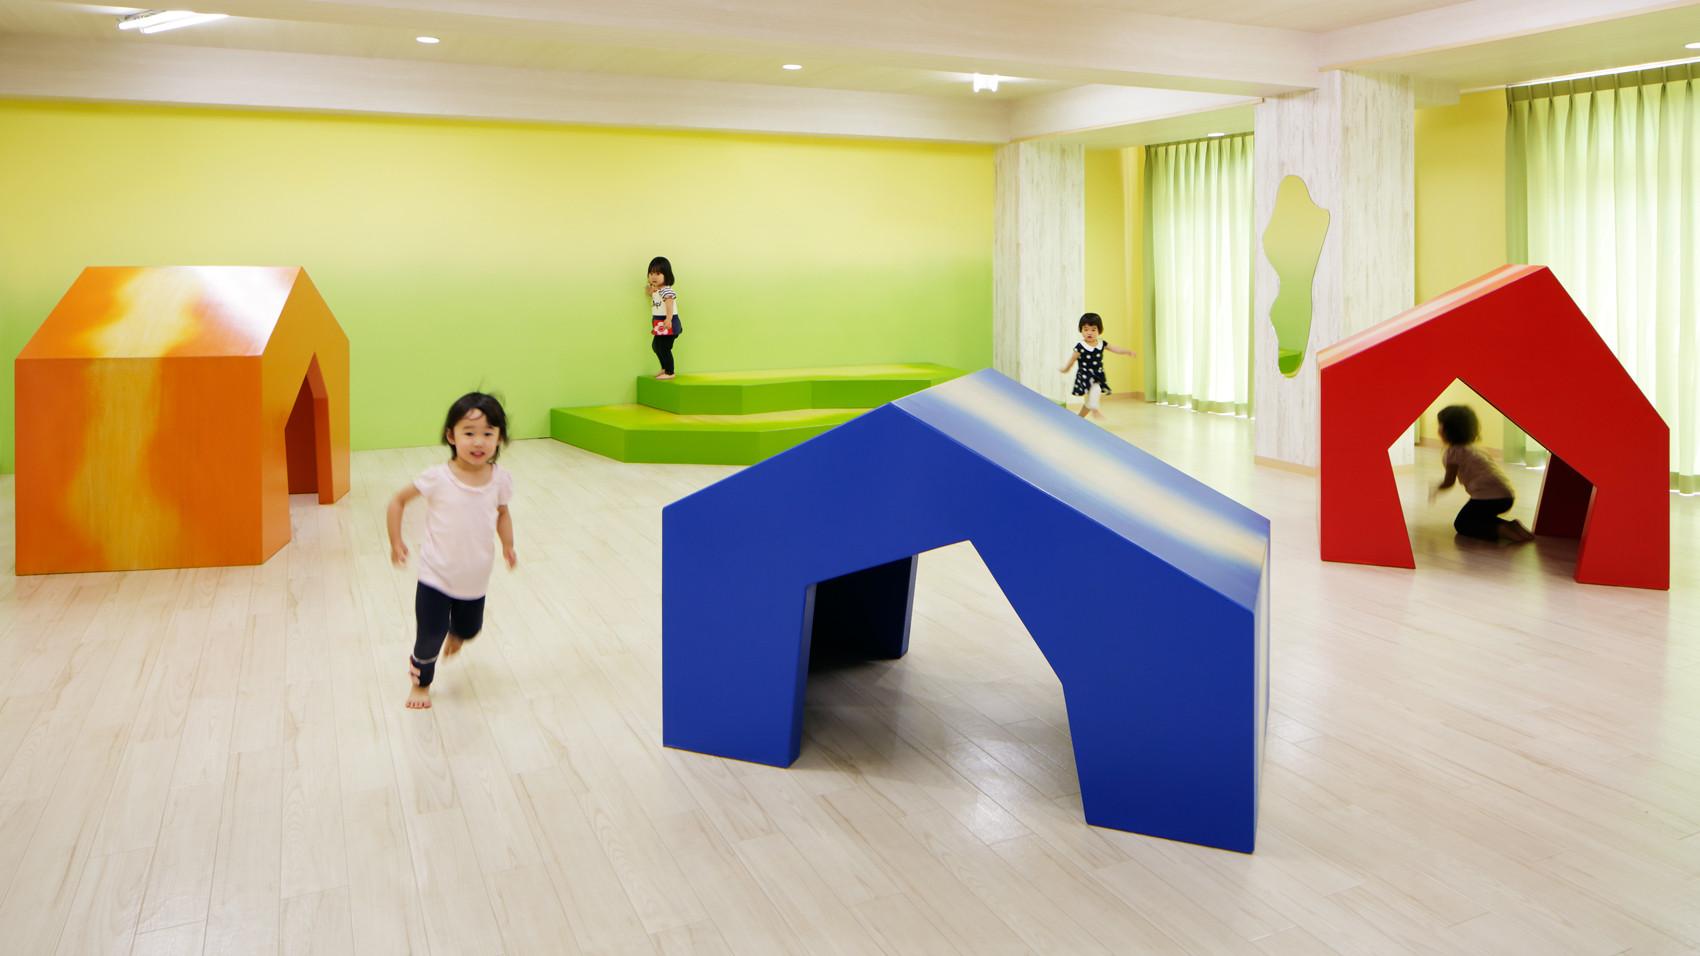 Τι θα ηταν καλο κανεις να σκεφτει πριν δημιουργησει έναν Παιδικο σταθμο-Νηπιαγωγειο